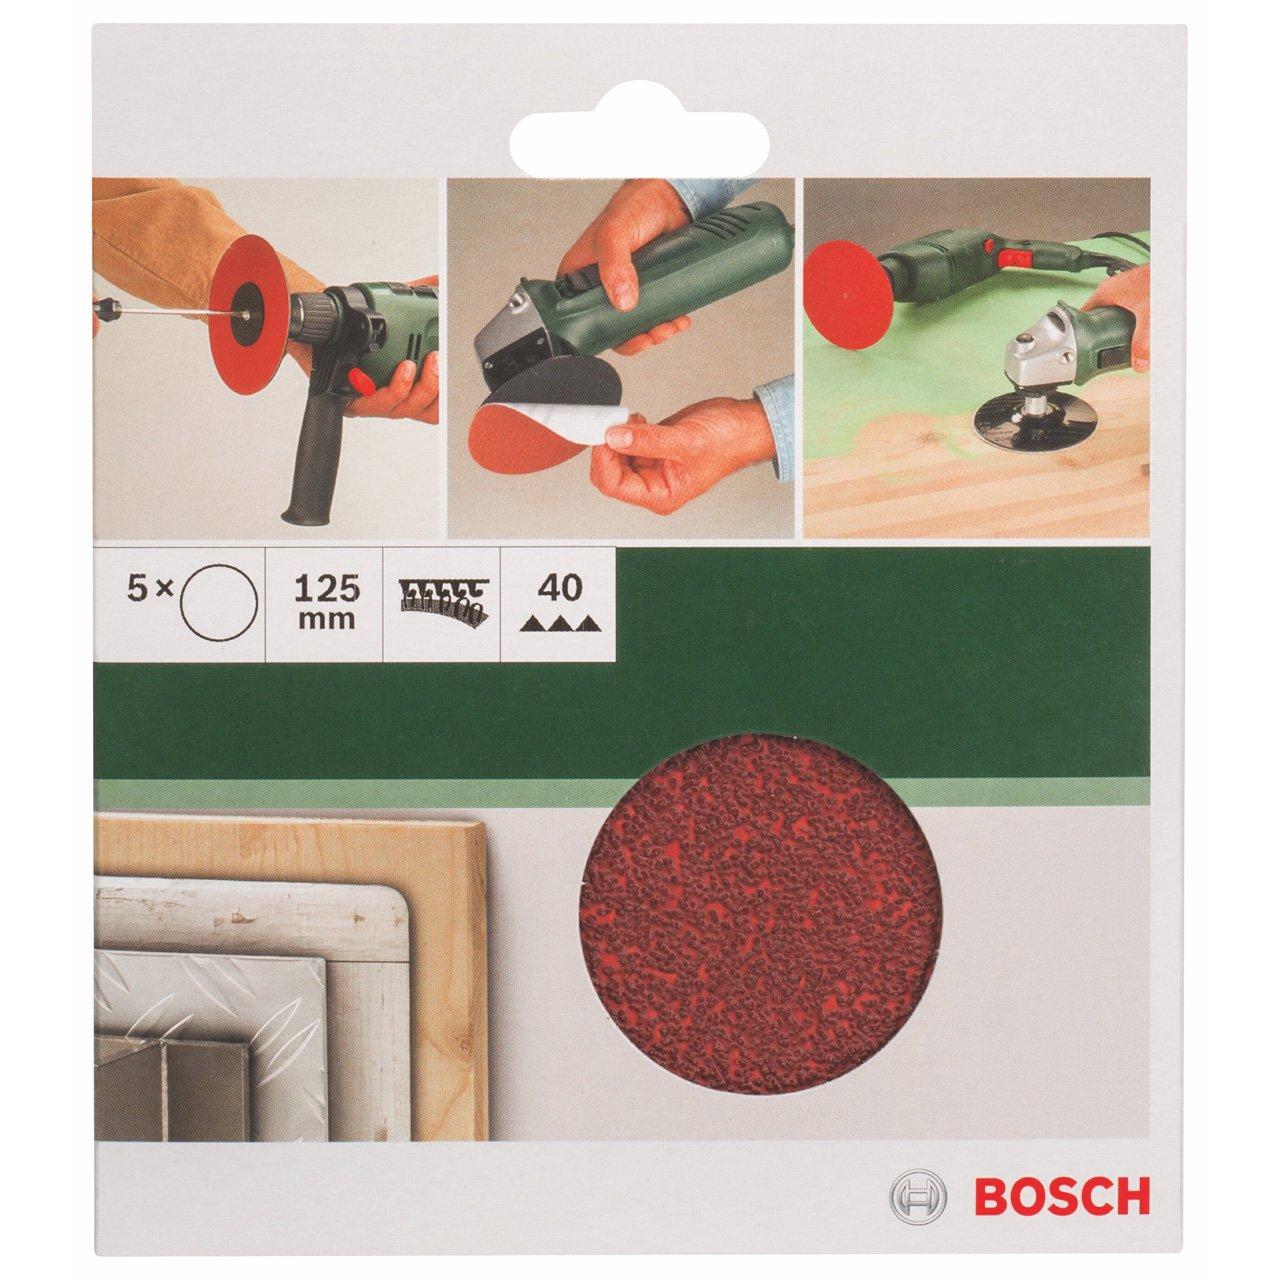 Bosch 2 609 256 A25 Juego de hojas de lija de 5 piezas para lijadora exc/éntrica